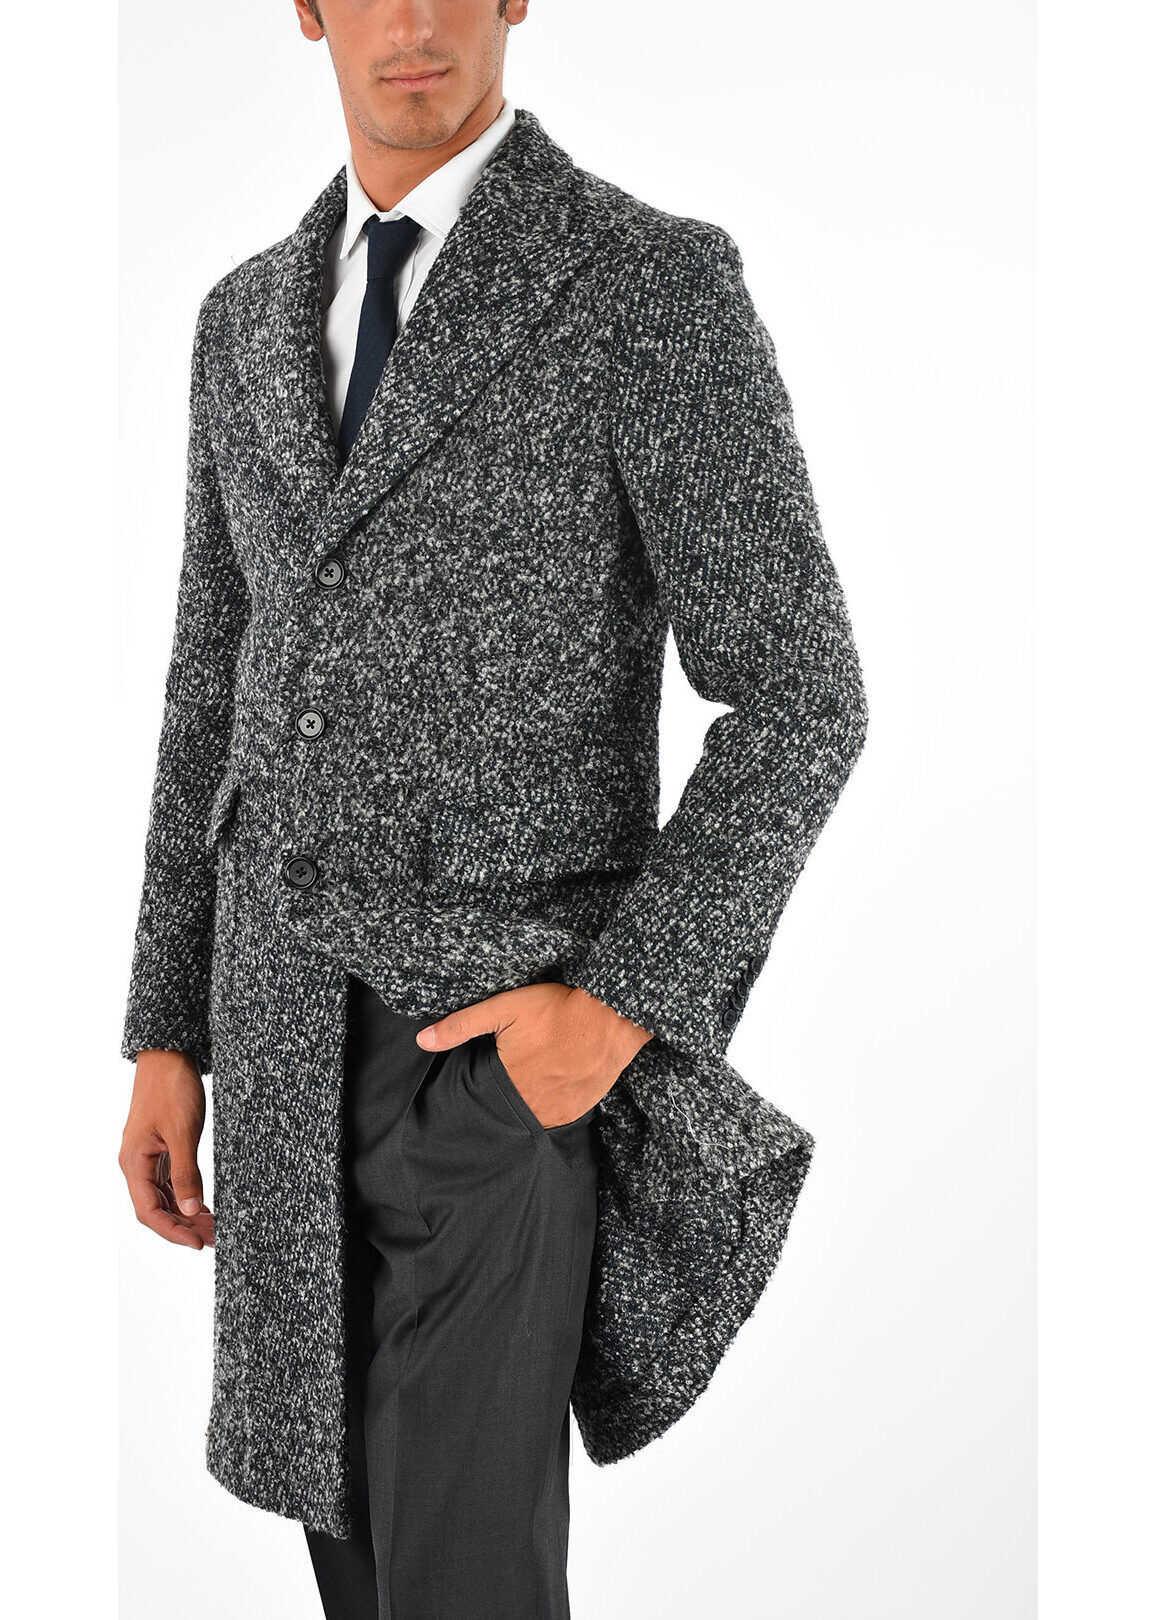 CORNELIANI CC COLLECTION Single Breasted coat BLACK & WHITE